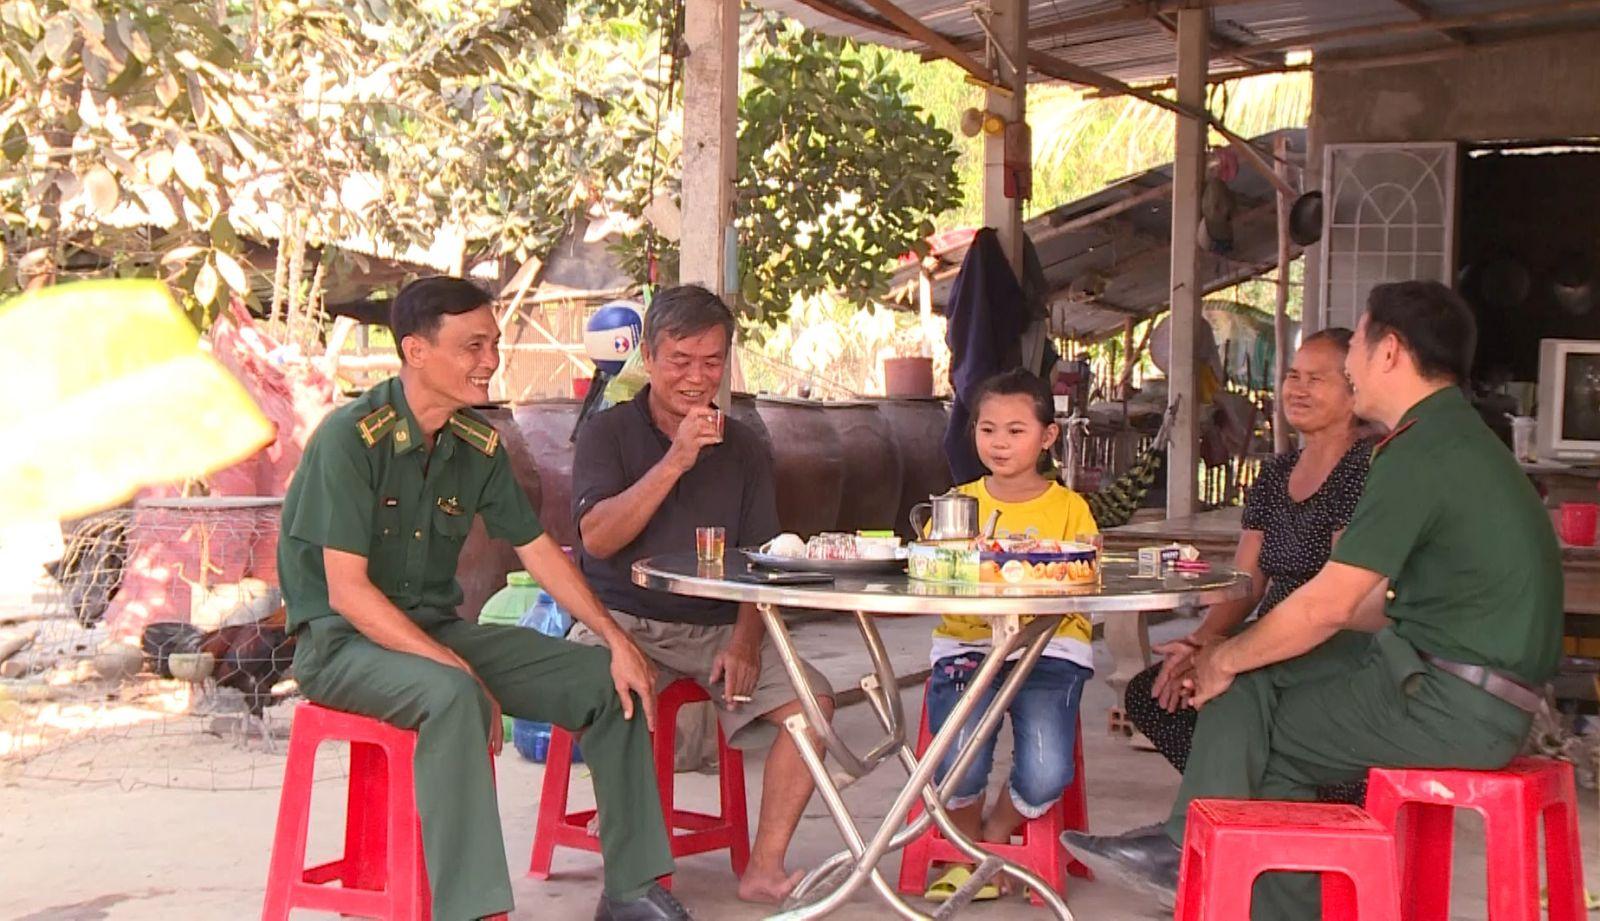 Cán bộ, chiến sĩ Đồn Biên phòng Mỹ Quý Tây đến thăm gia đình em Lê Nguyễn Cát Tường